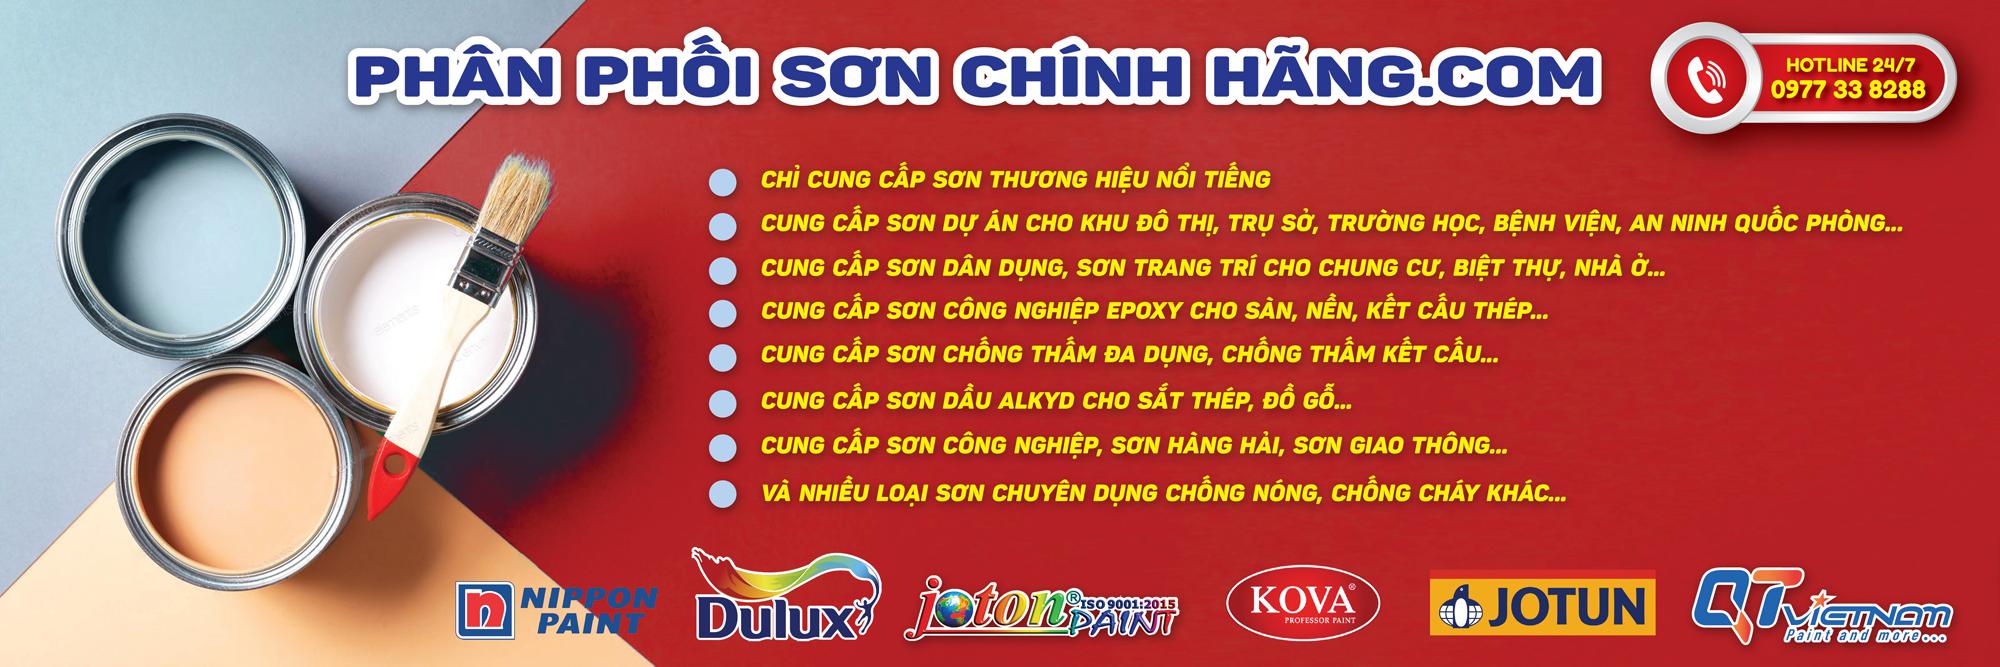 Tổng Phân Phối Sơn Chính Hãng Kova, Nippon, Joton, Jotun, DuluxToàn Miền Bắc - Phanphoisonchinhhang.com